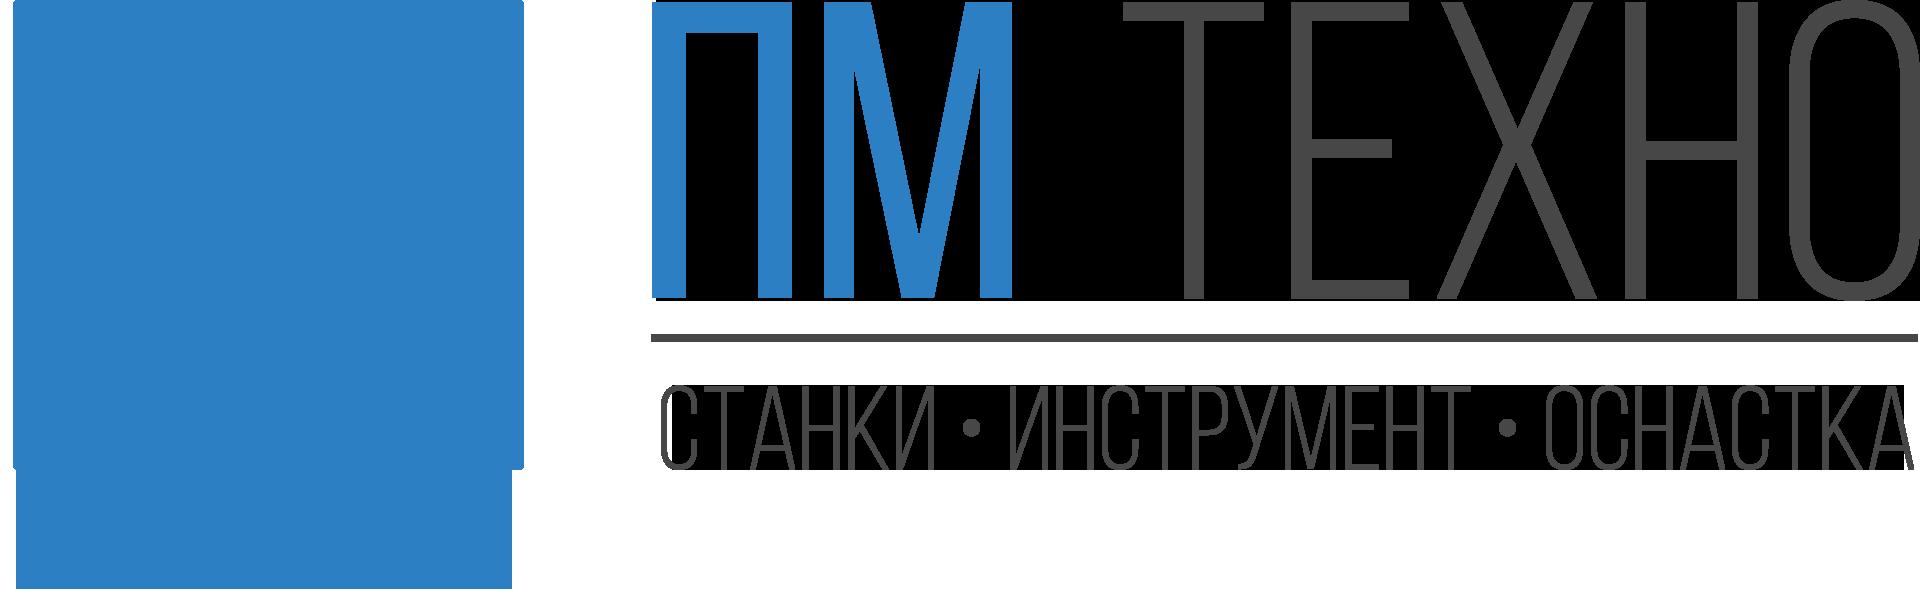 ПМ техно